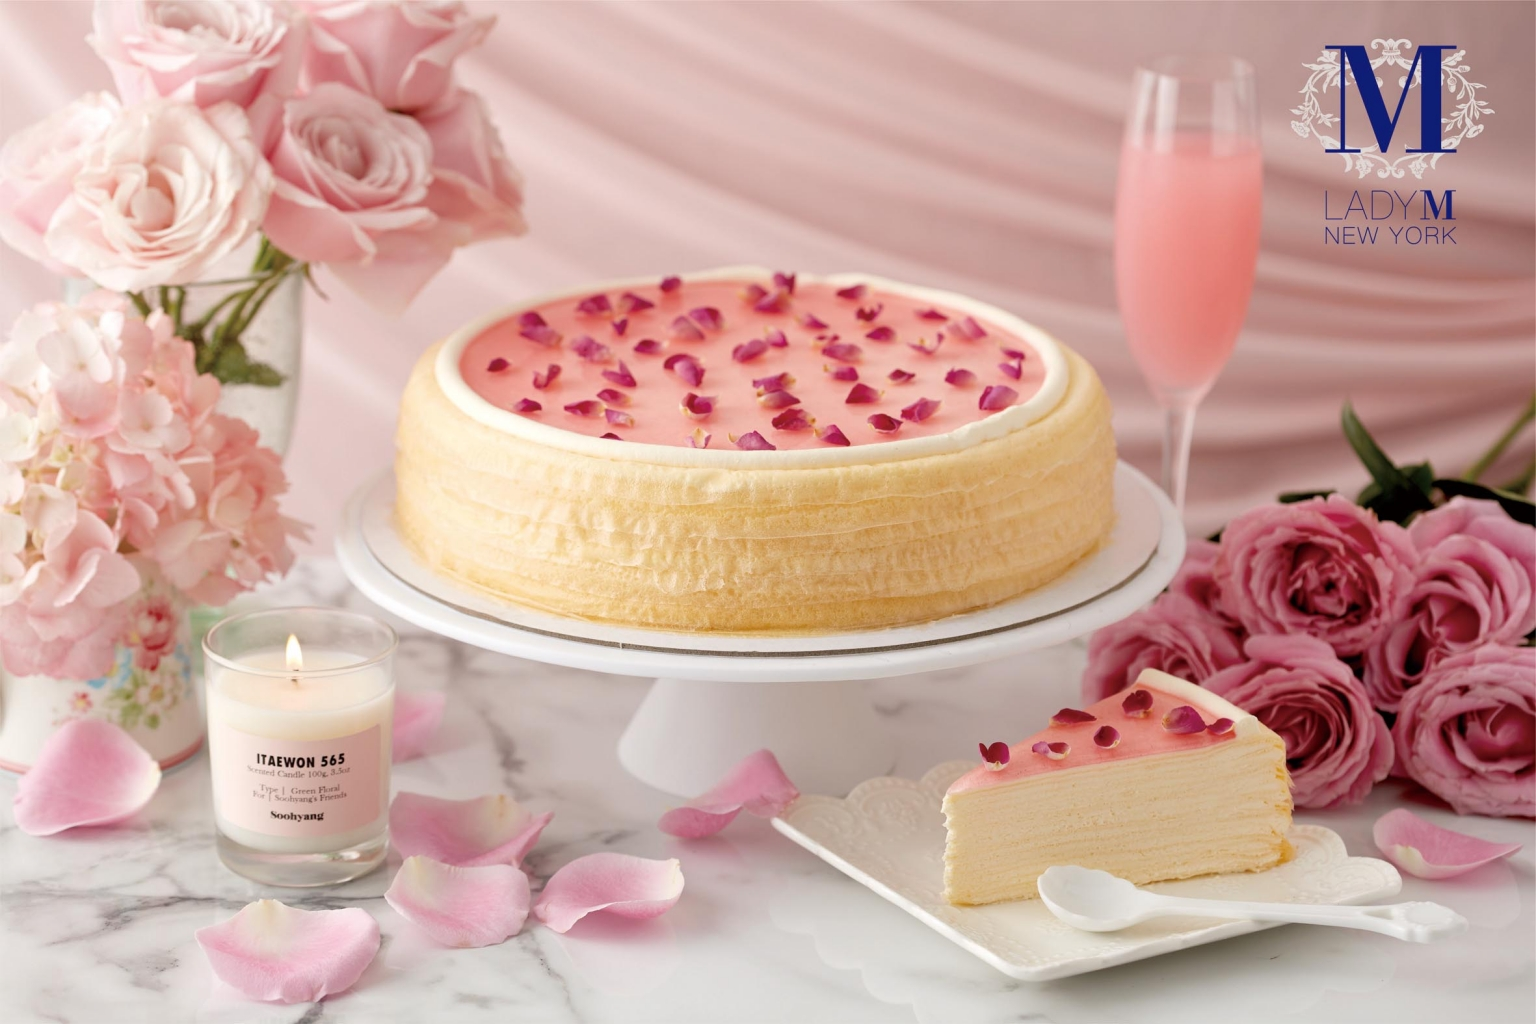 【復興館】獨家口味lady M快閃櫃 母親節獨家限定6吋玫瑰千層蛋糕 售價1,800元 單片280元